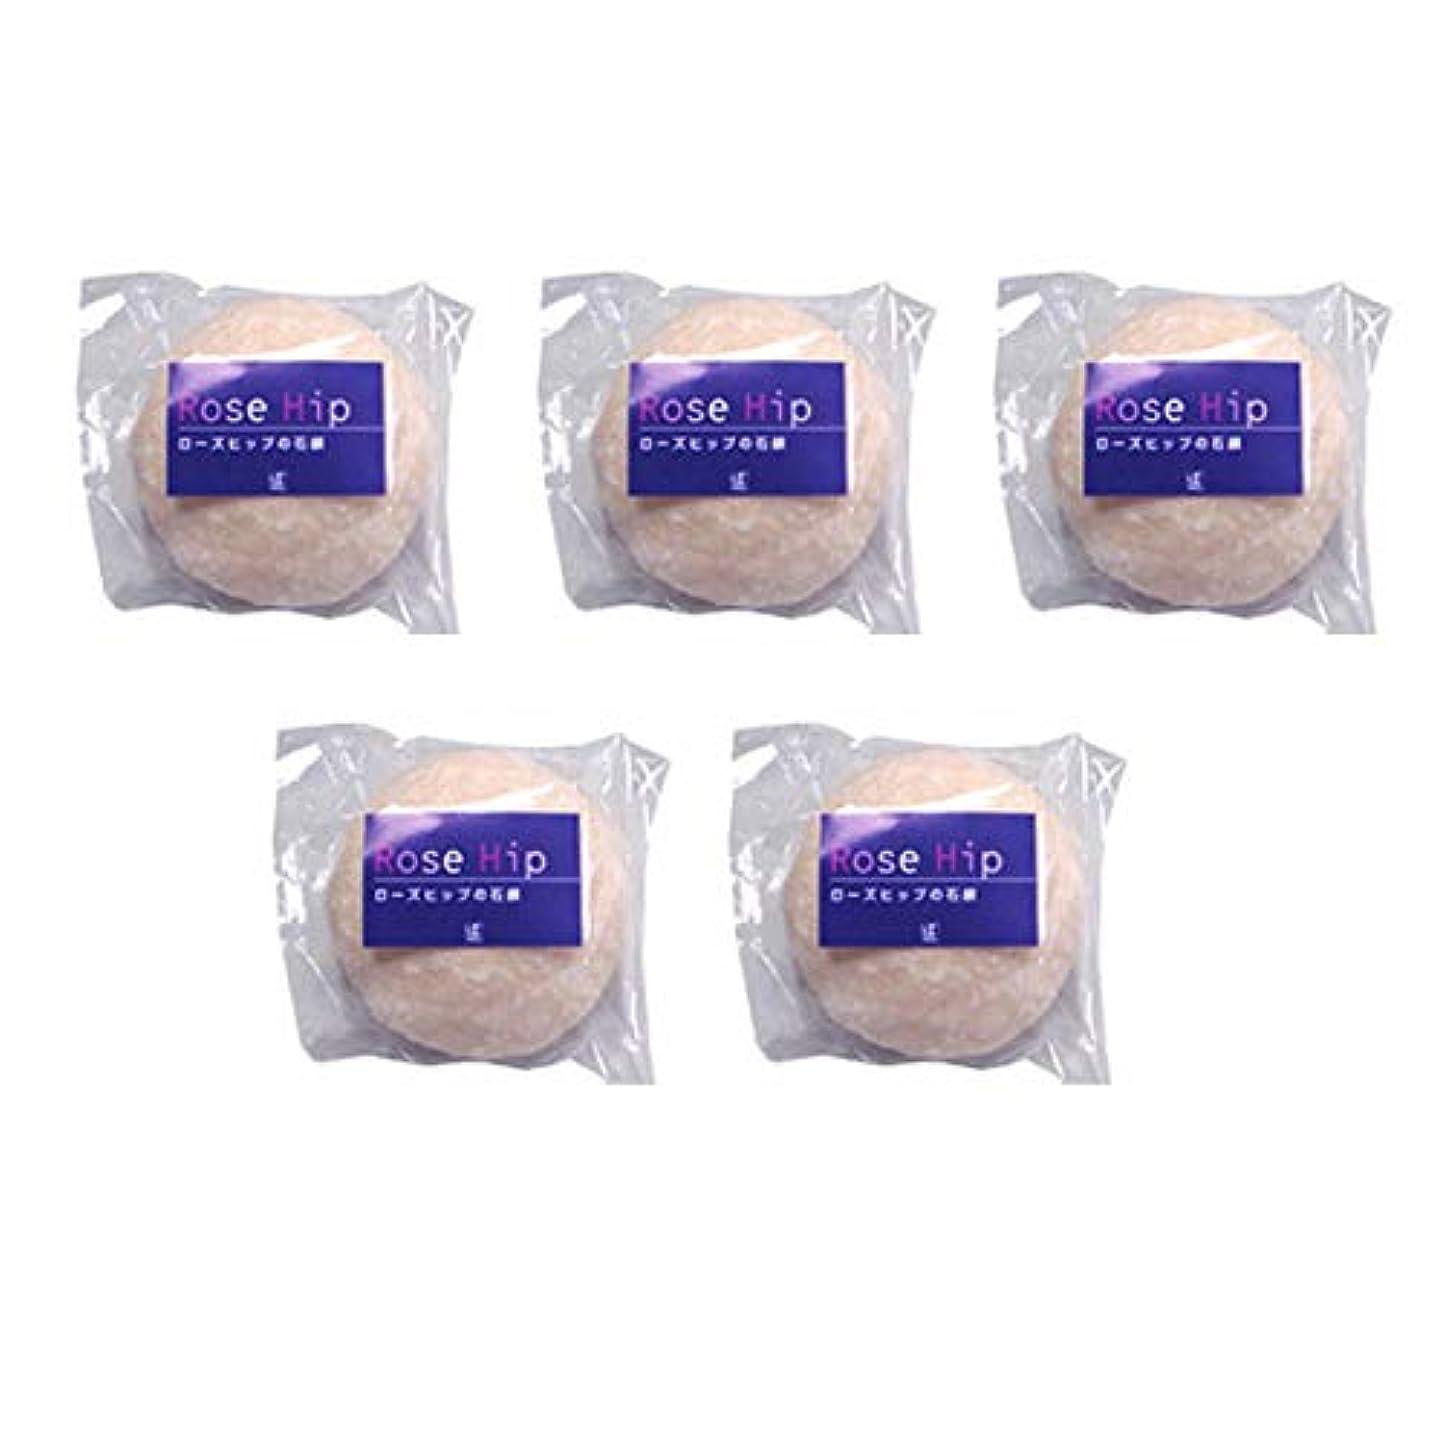 石の与える窓山澤清ローズヒップ石鹸5個セット(70g×5個) ローズヒップ無添加洗顔石鹸